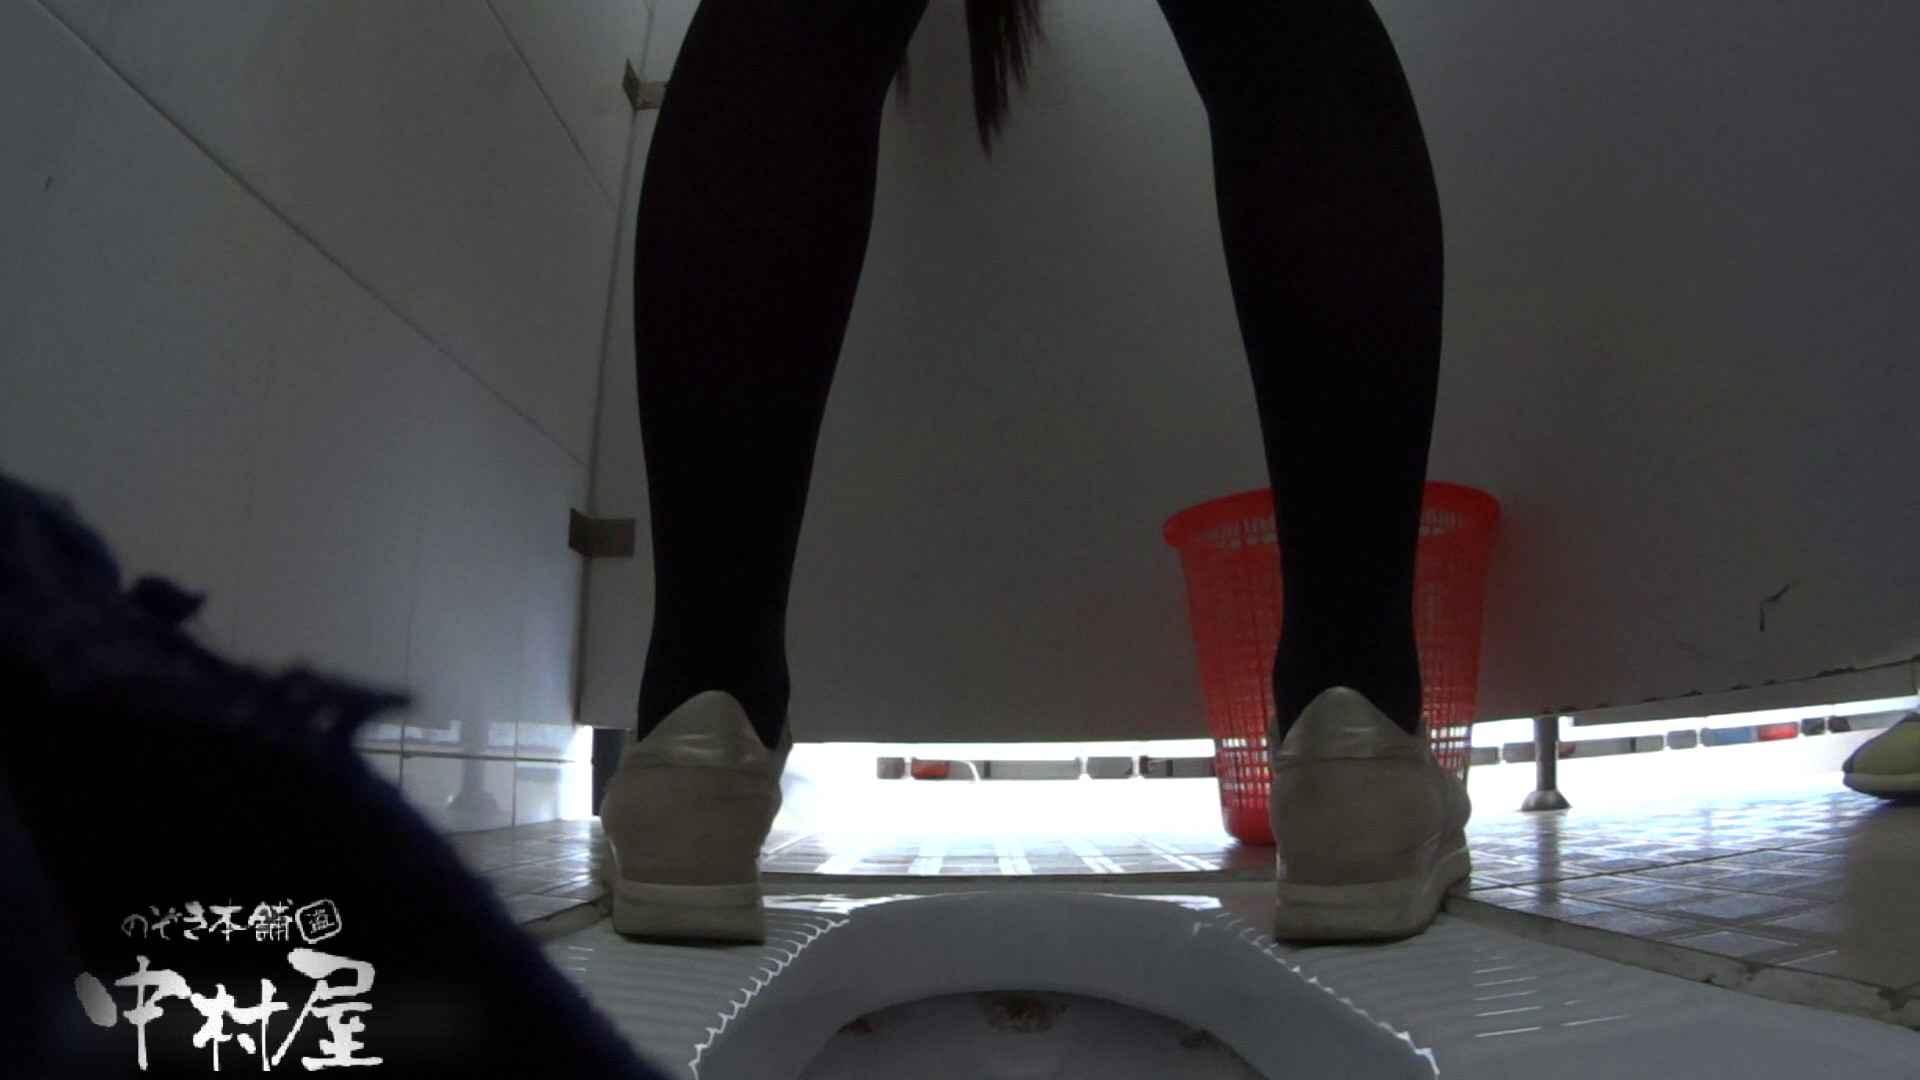 めくれ上がる陰部からの大聖水!大学休憩時間の洗面所事情27 盗撮 | 美女  87pic 16